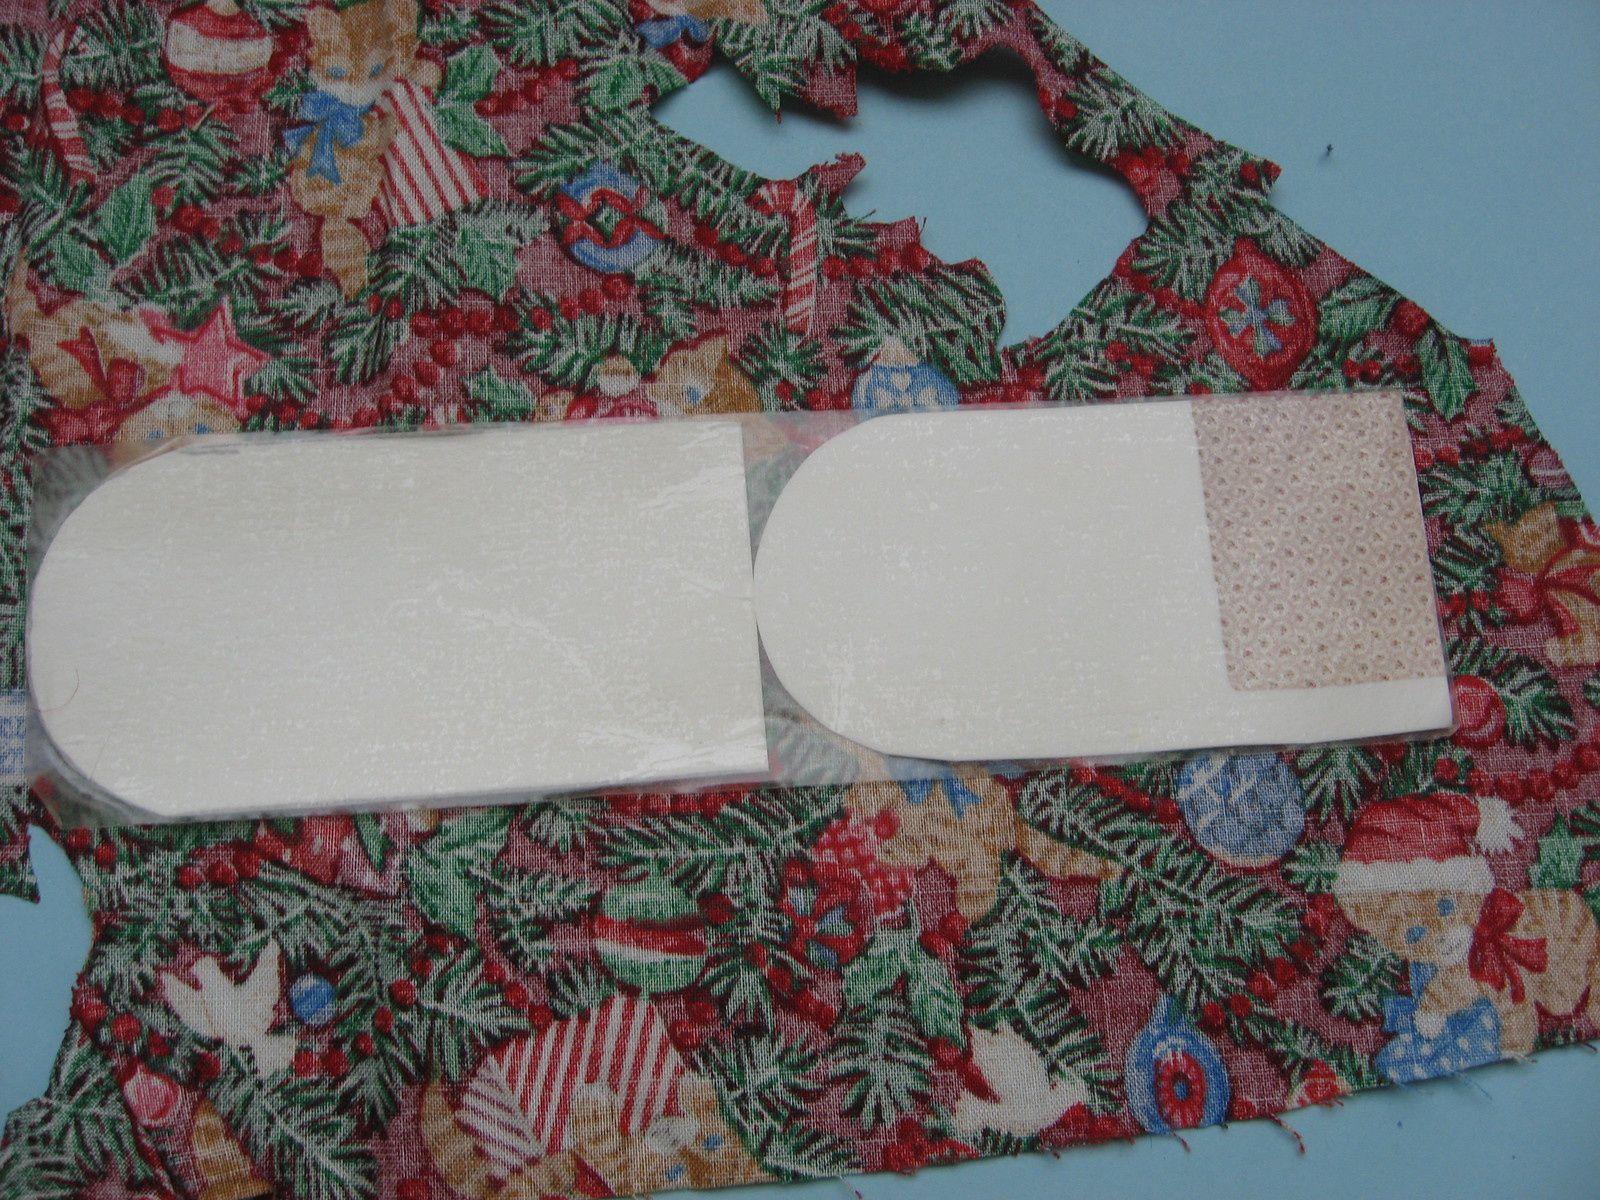 Etiquettes festives rapides et faciles faire - Decoller papier peint difficile ...